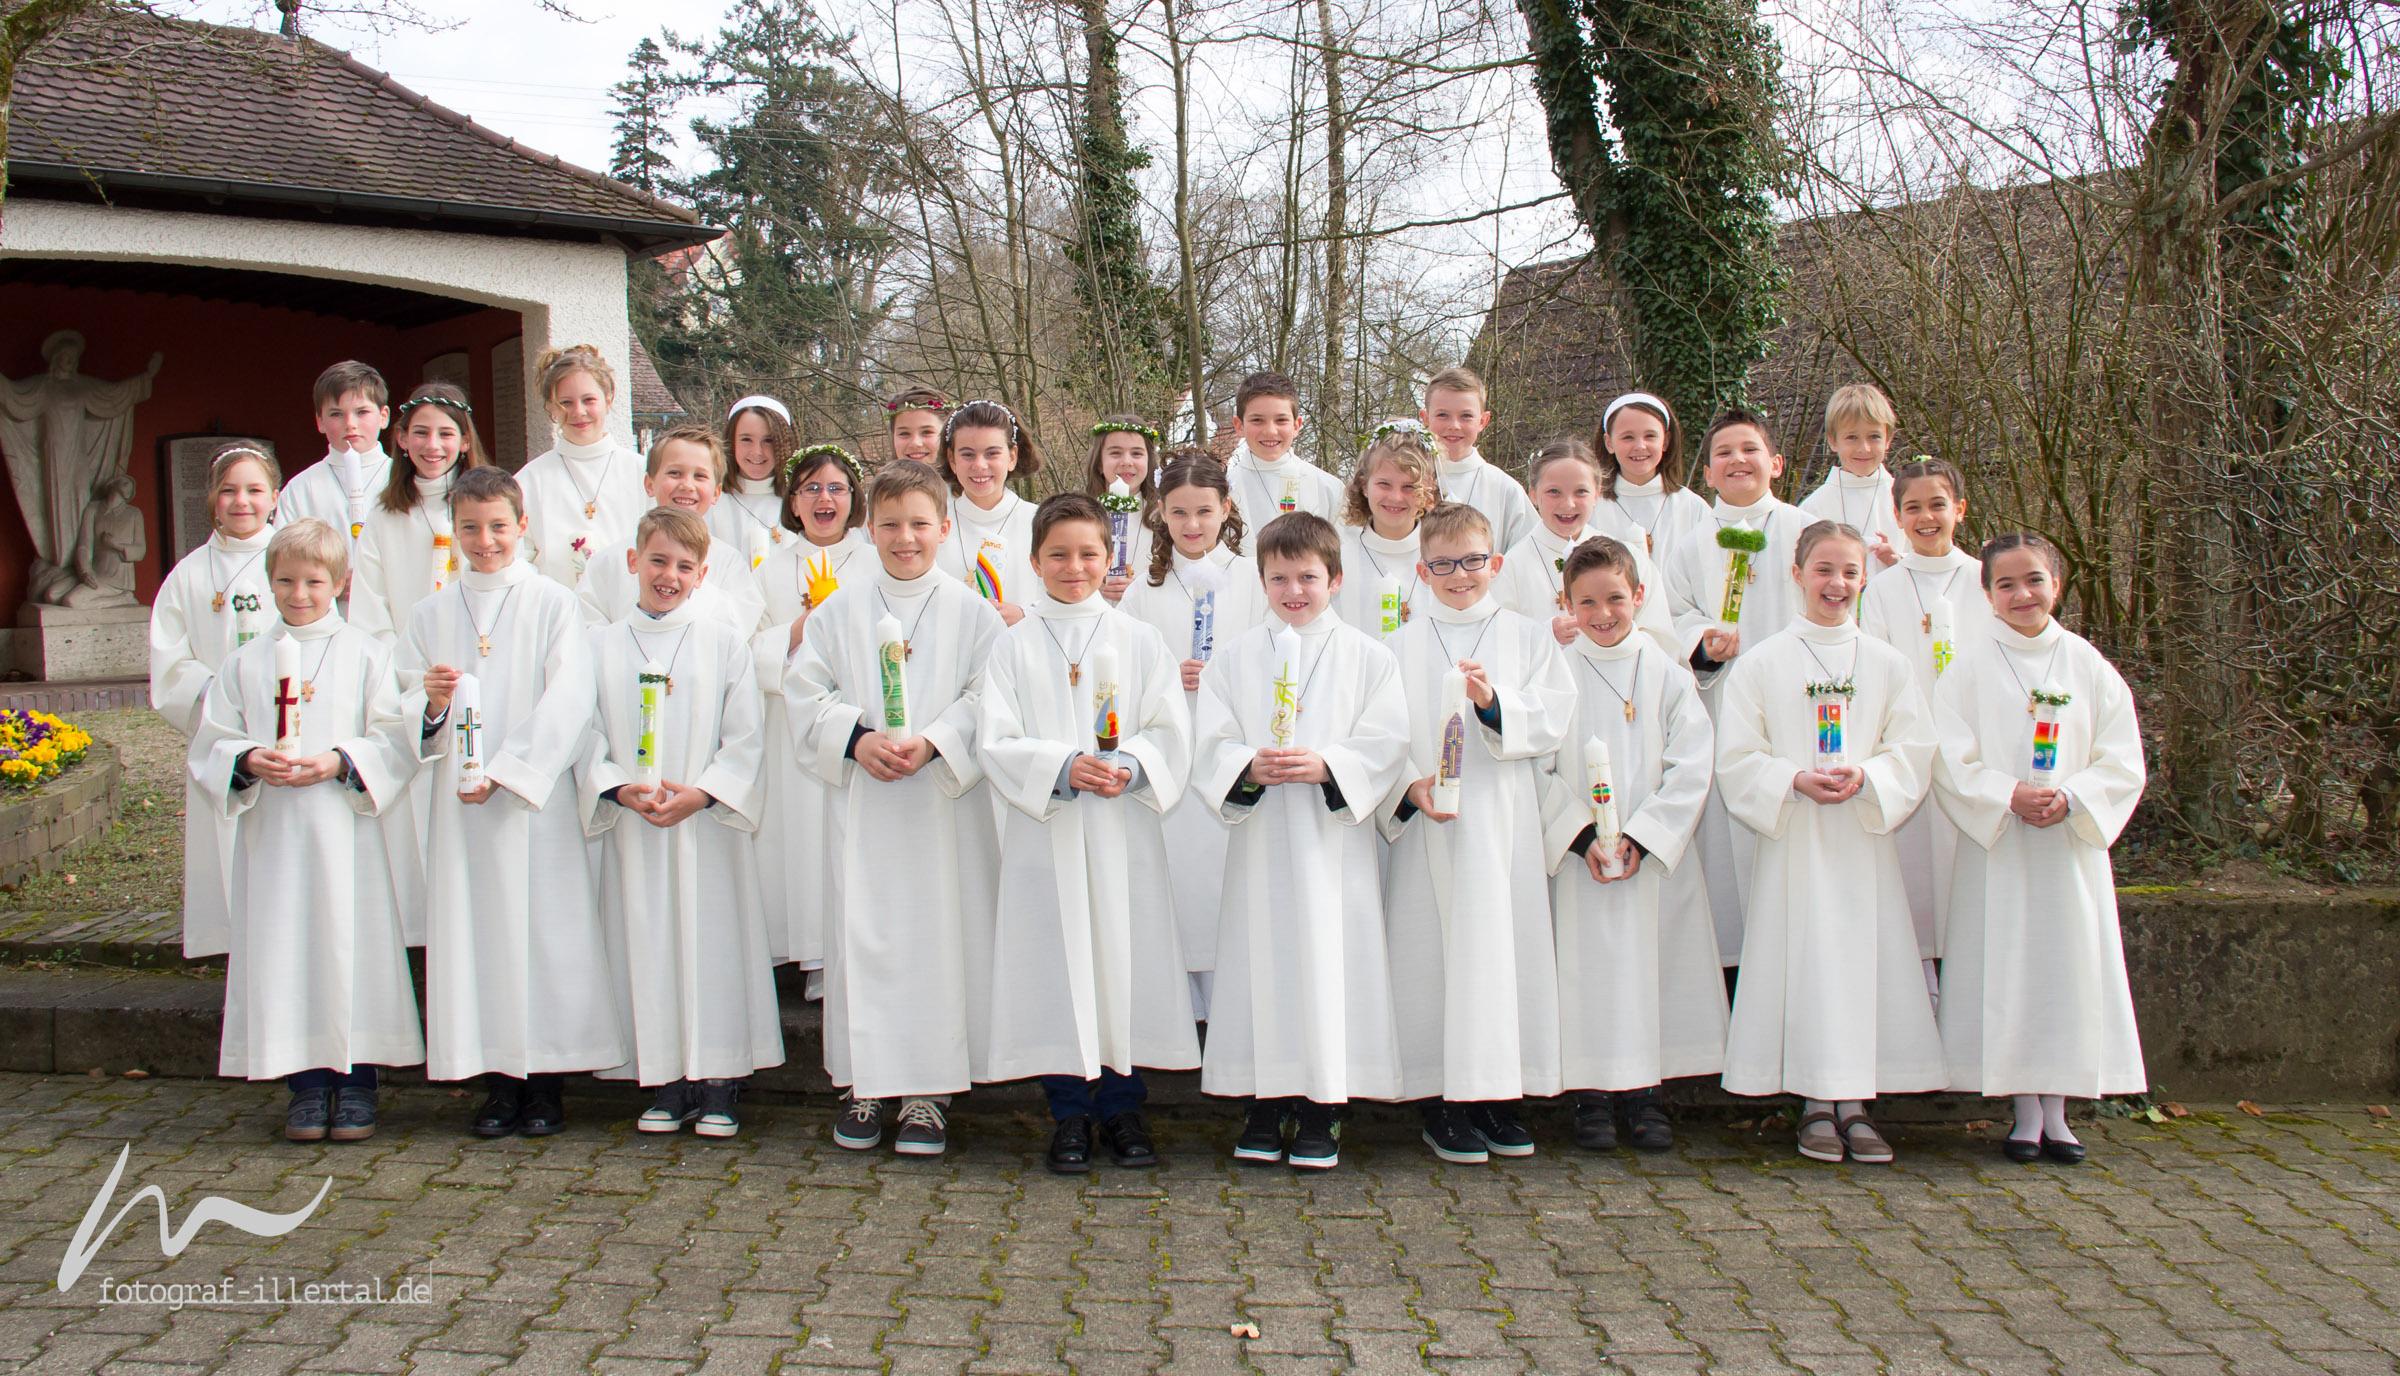 Fotograf Illertal-Christian Miller-Kinderfotos-Gruppenaufnahmen-1.Hl.Kommunion2015_038